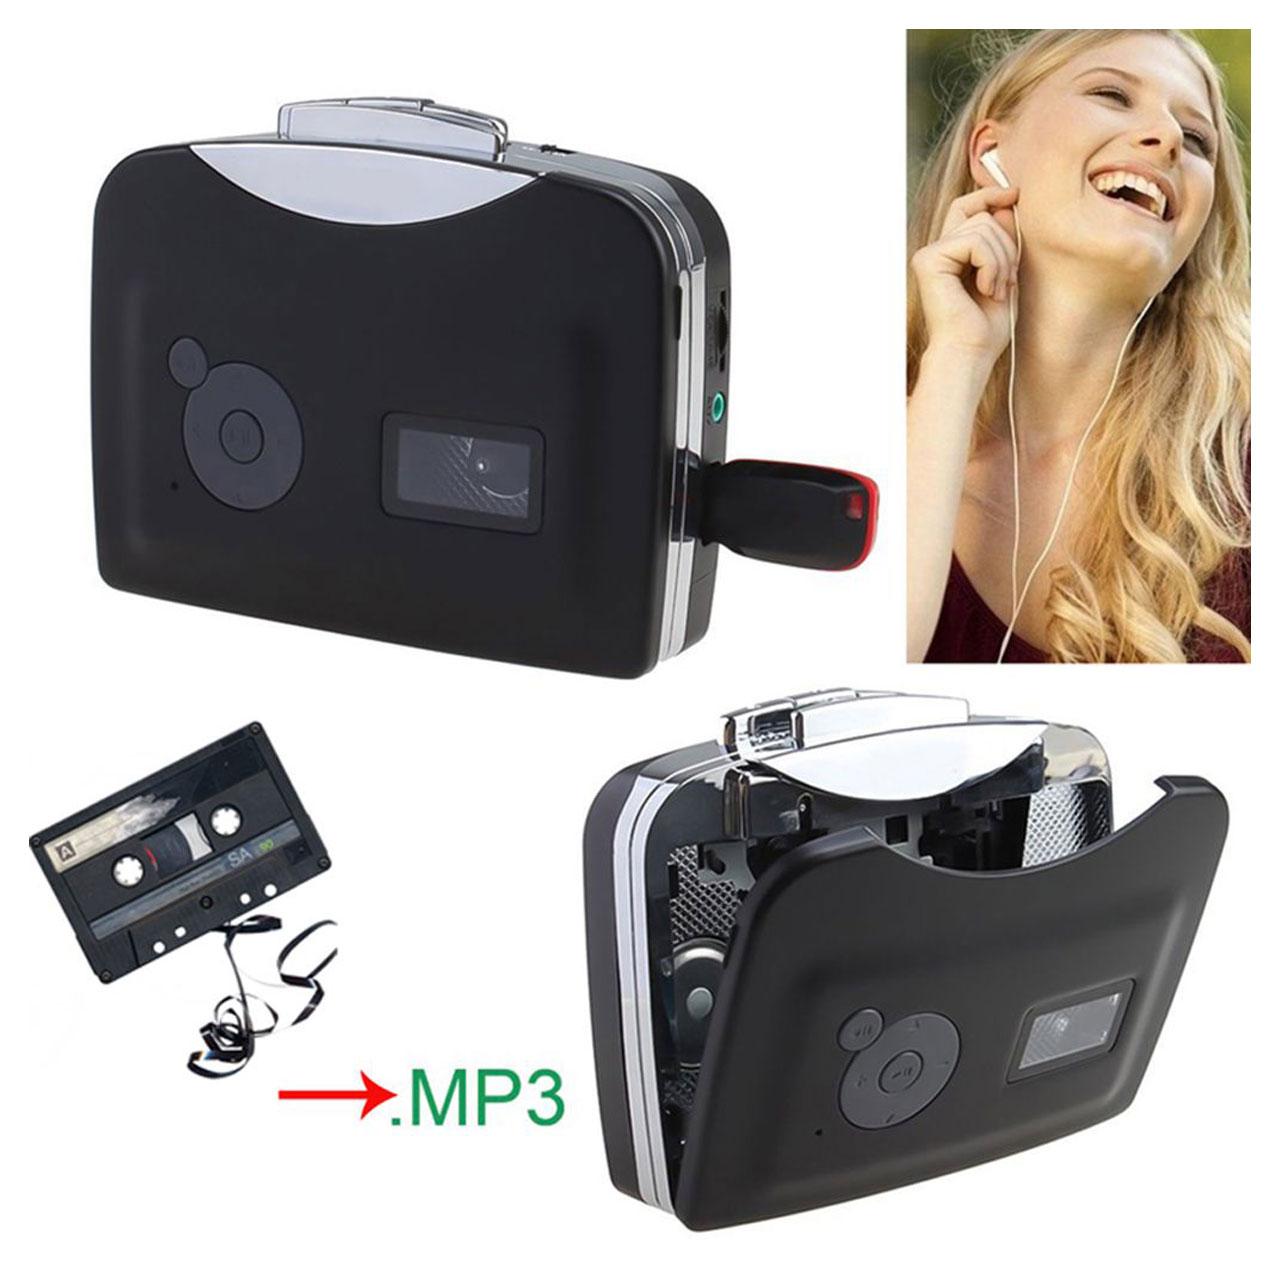 تبدیل نوار کاست به فایل صوتی MP3